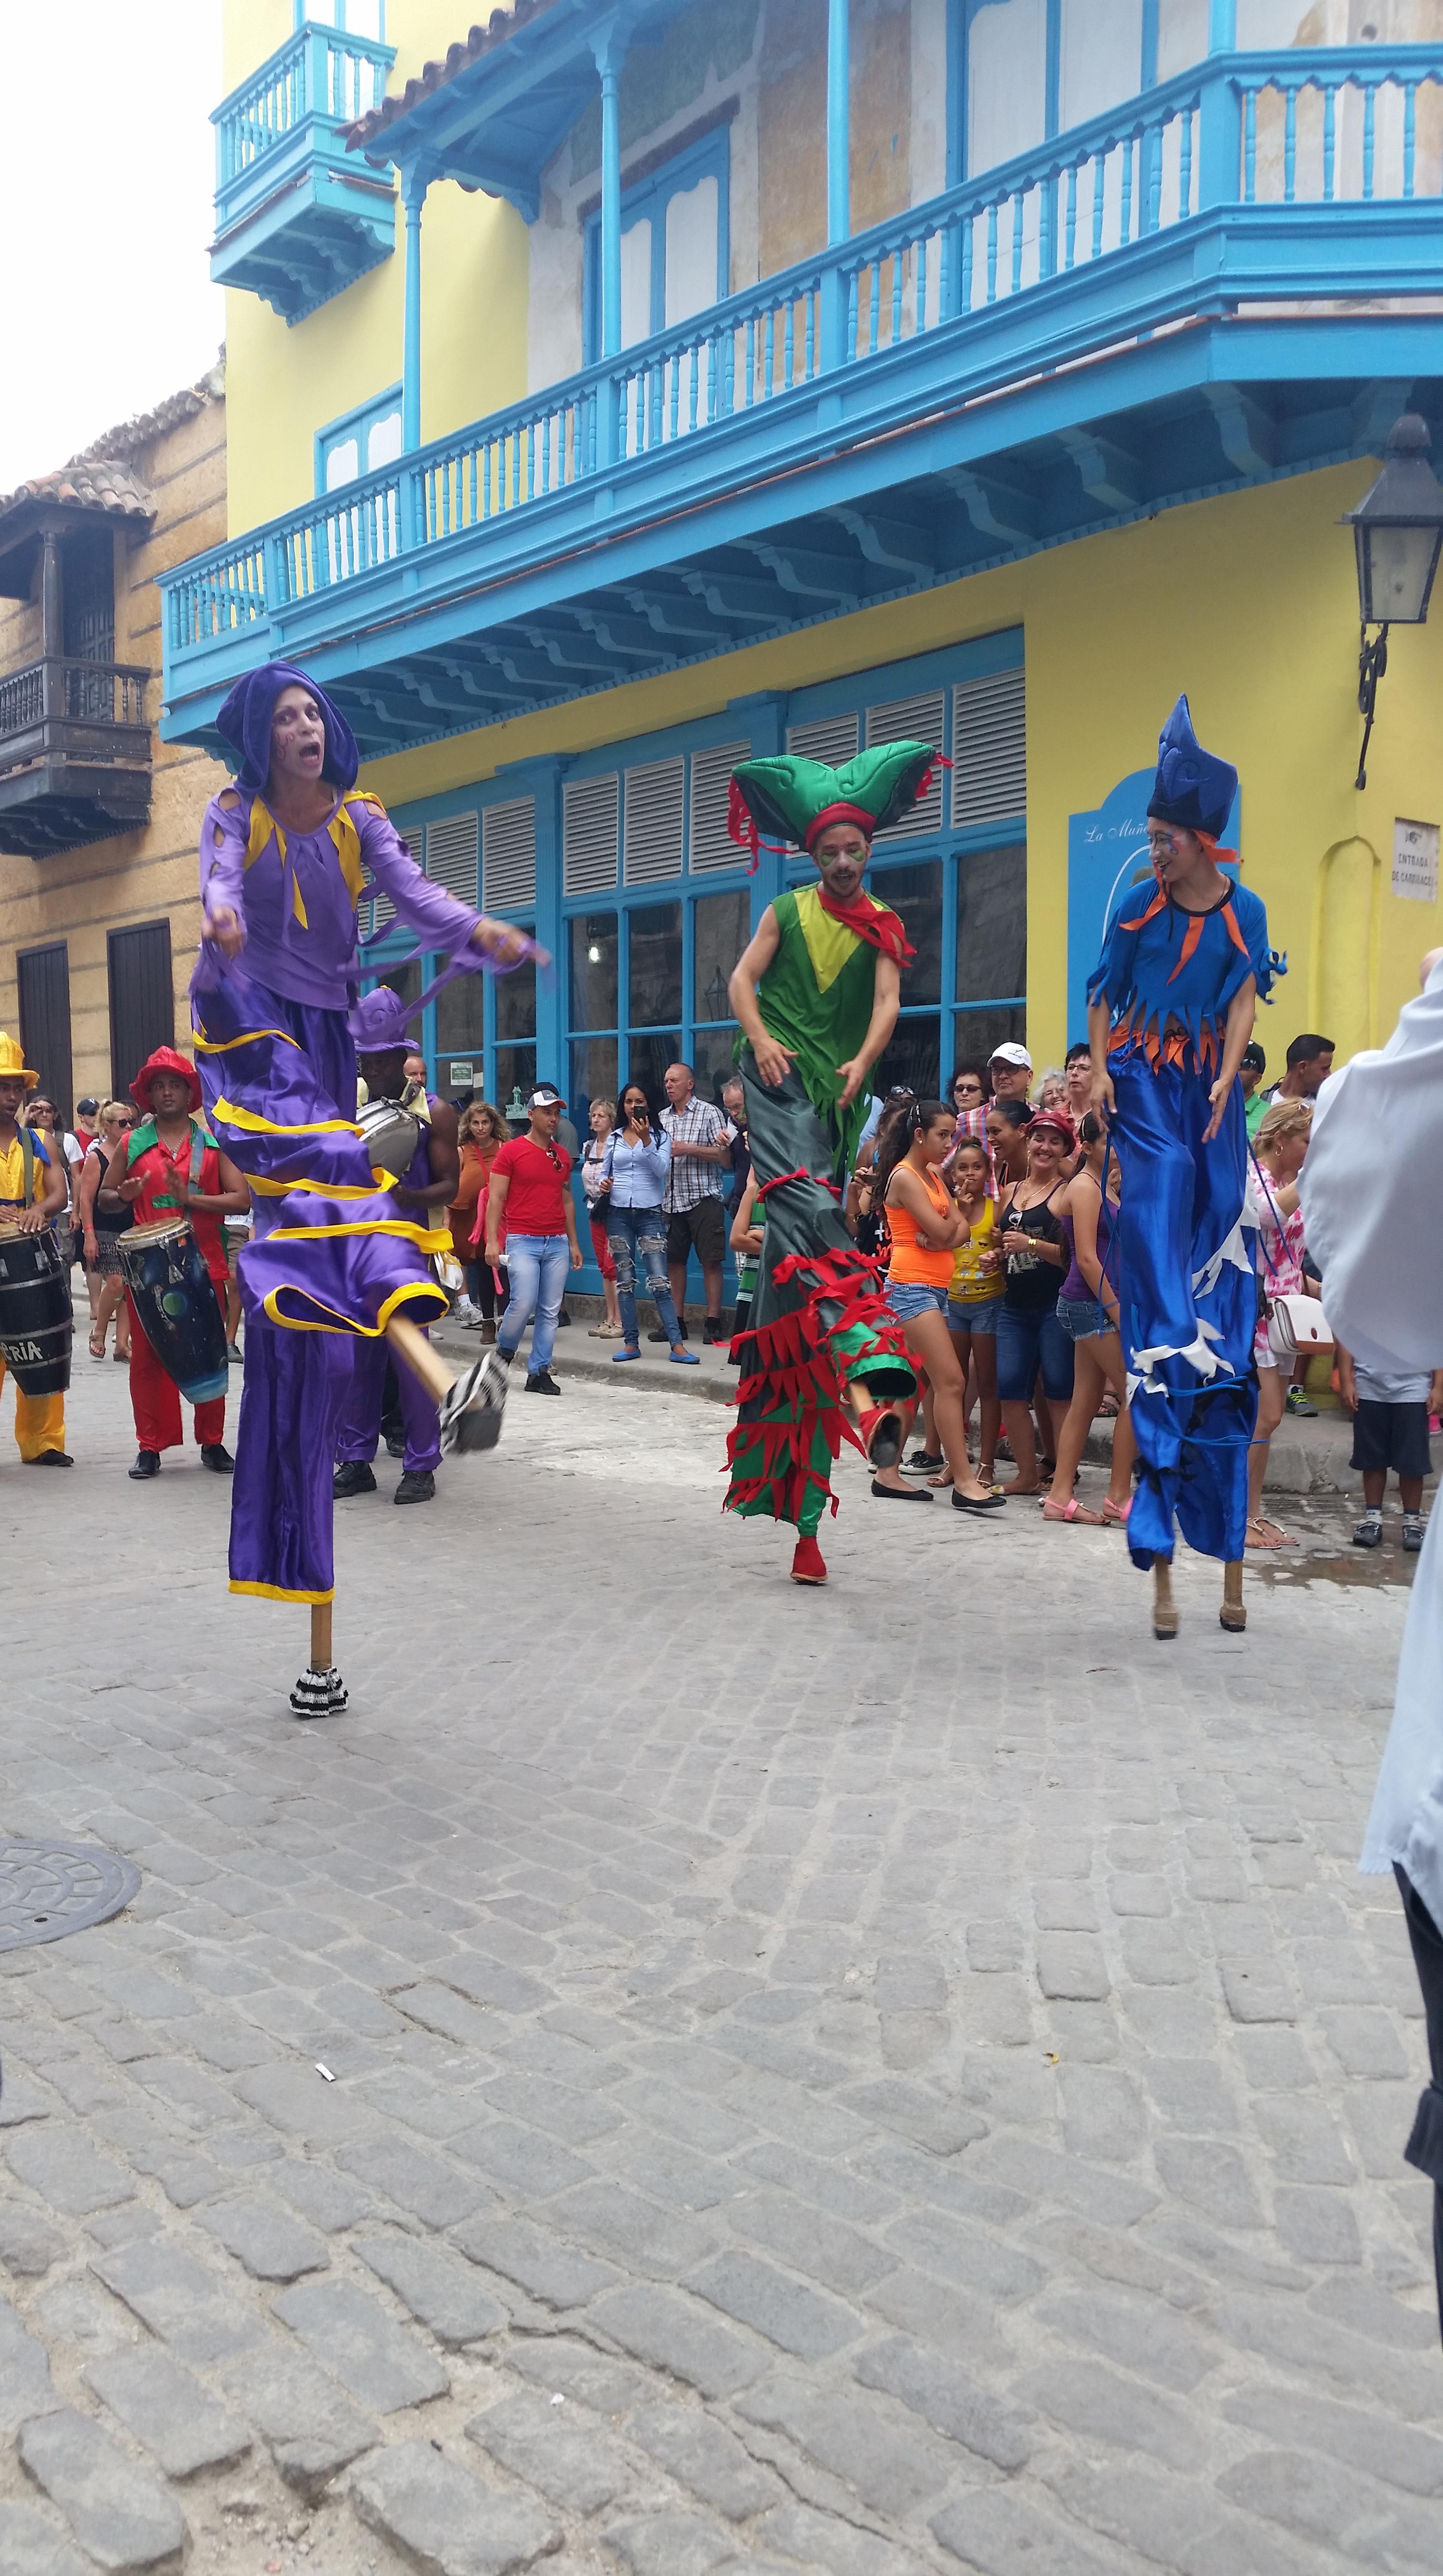 Cuban Street performance parade